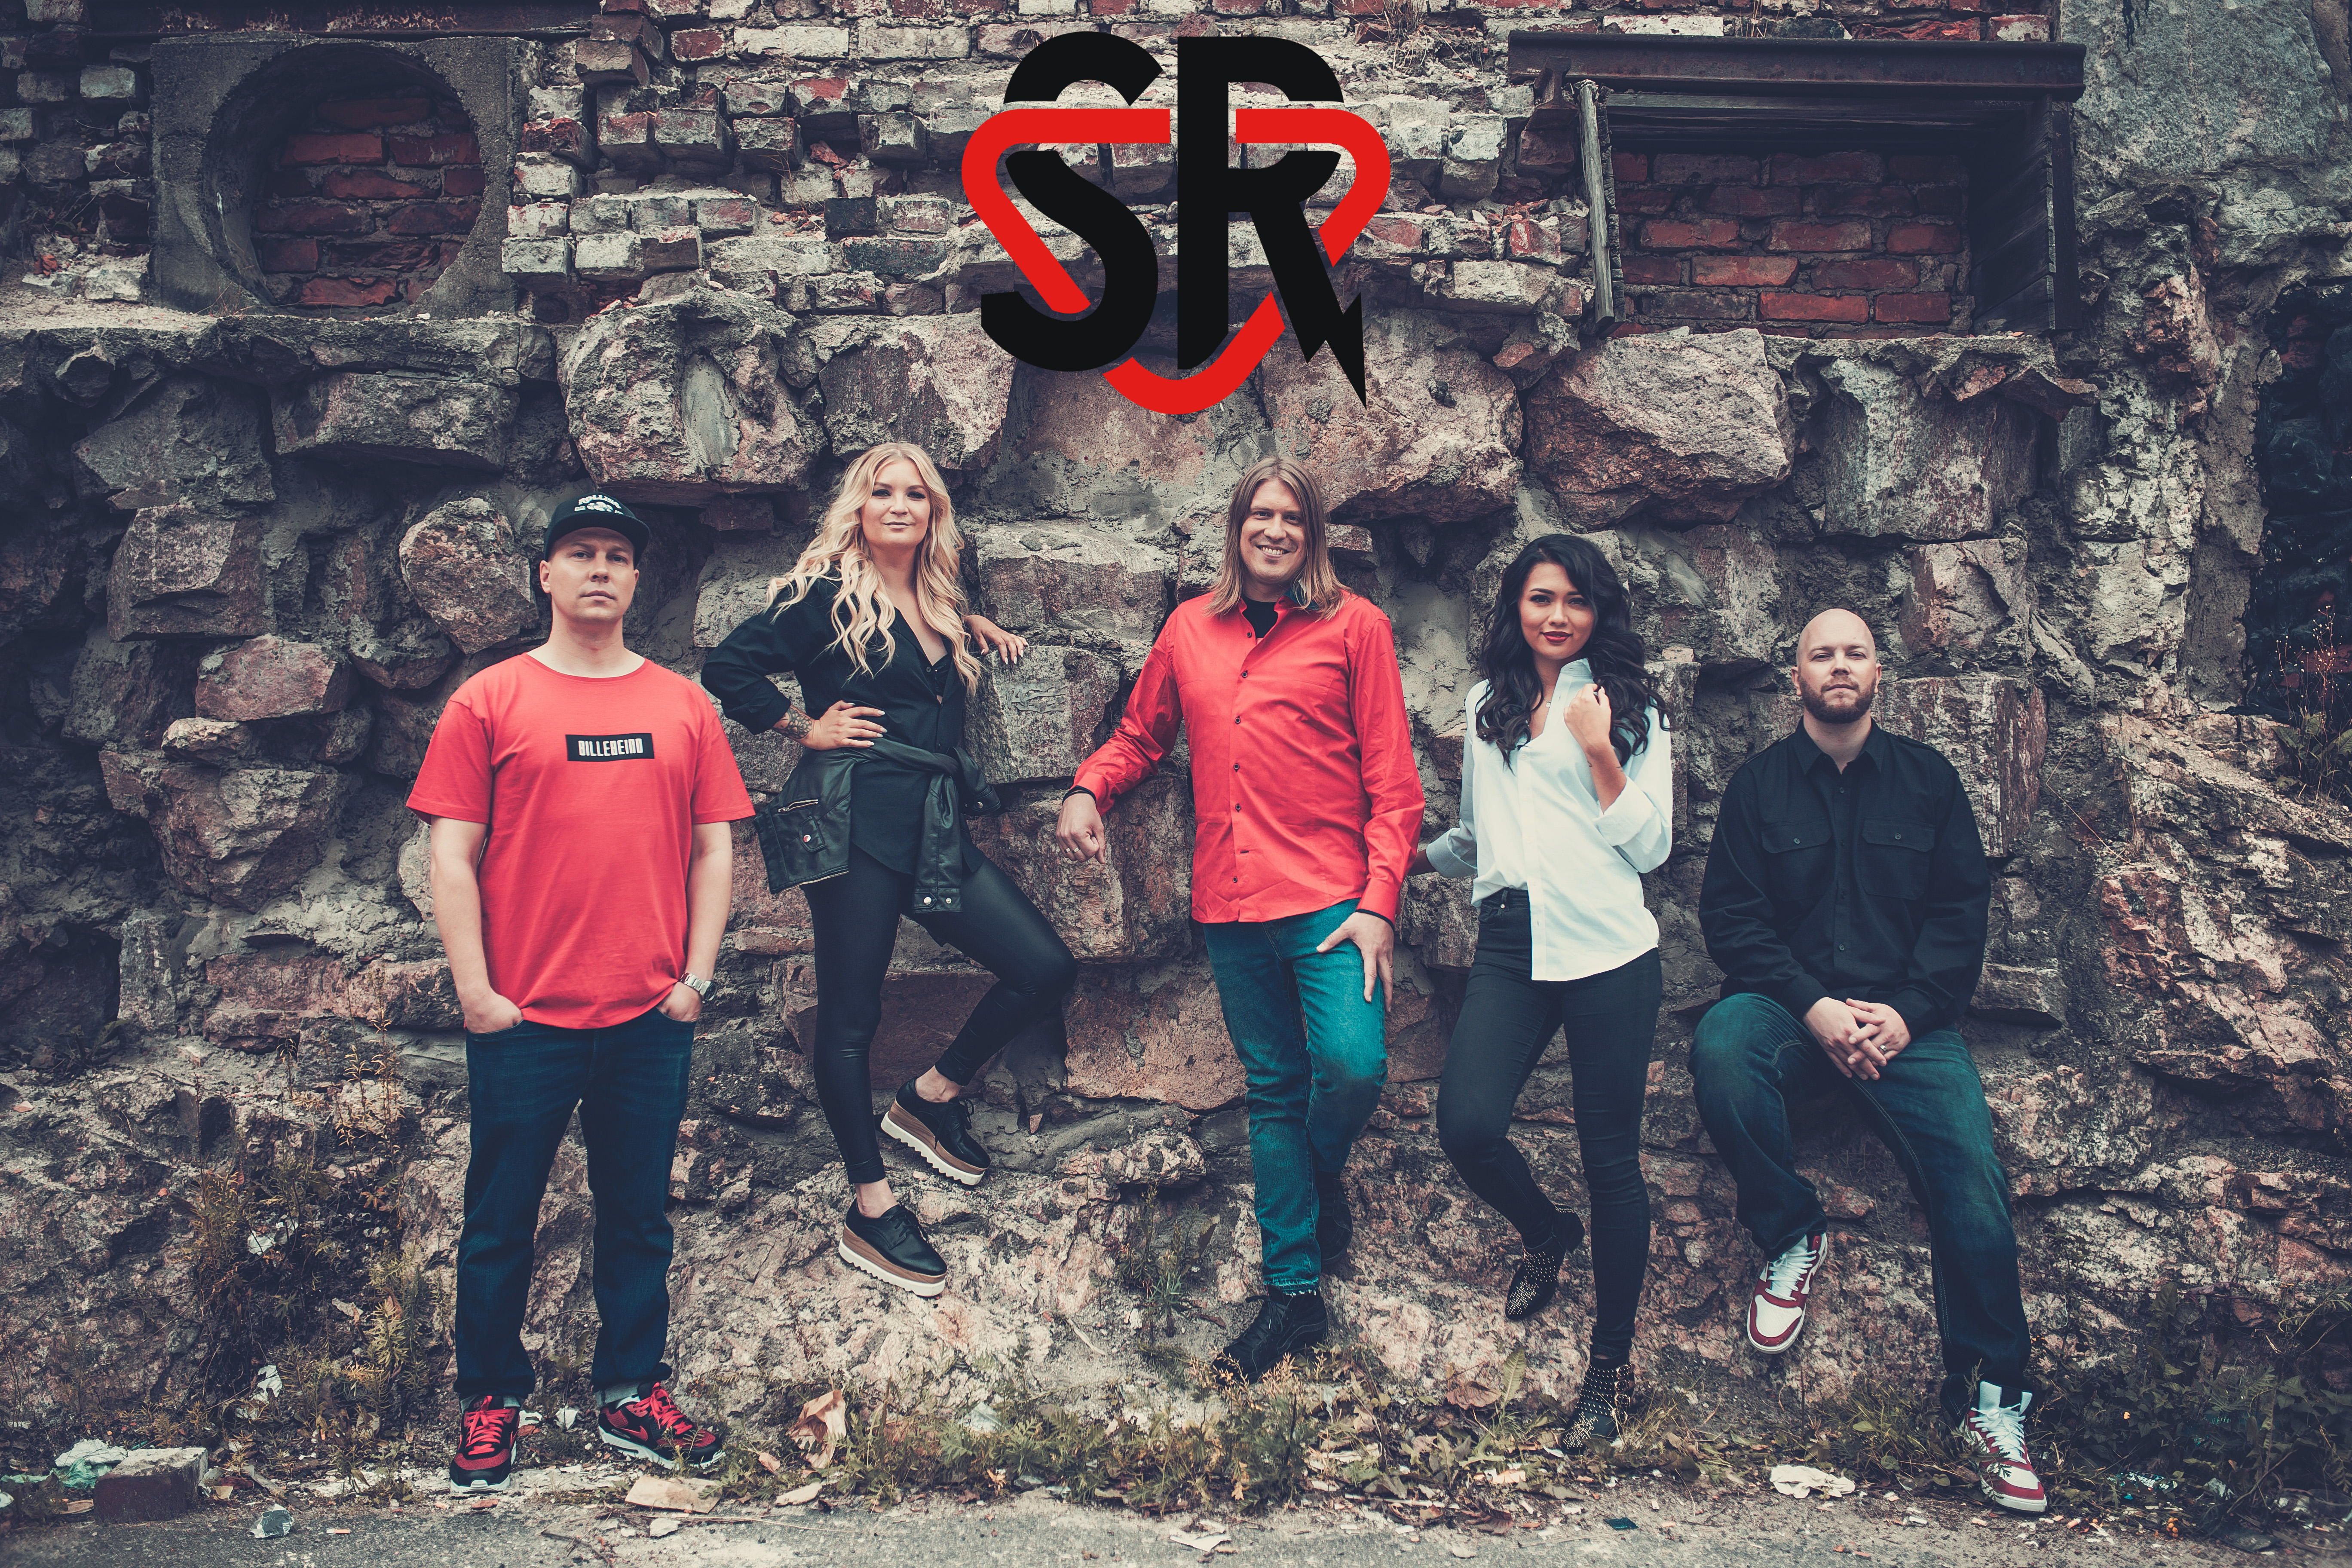 Kotimaisen rock-musiikin lipunkantaja SuomiRock uudistuu – Aamushow saa kolme huippujuontajaa